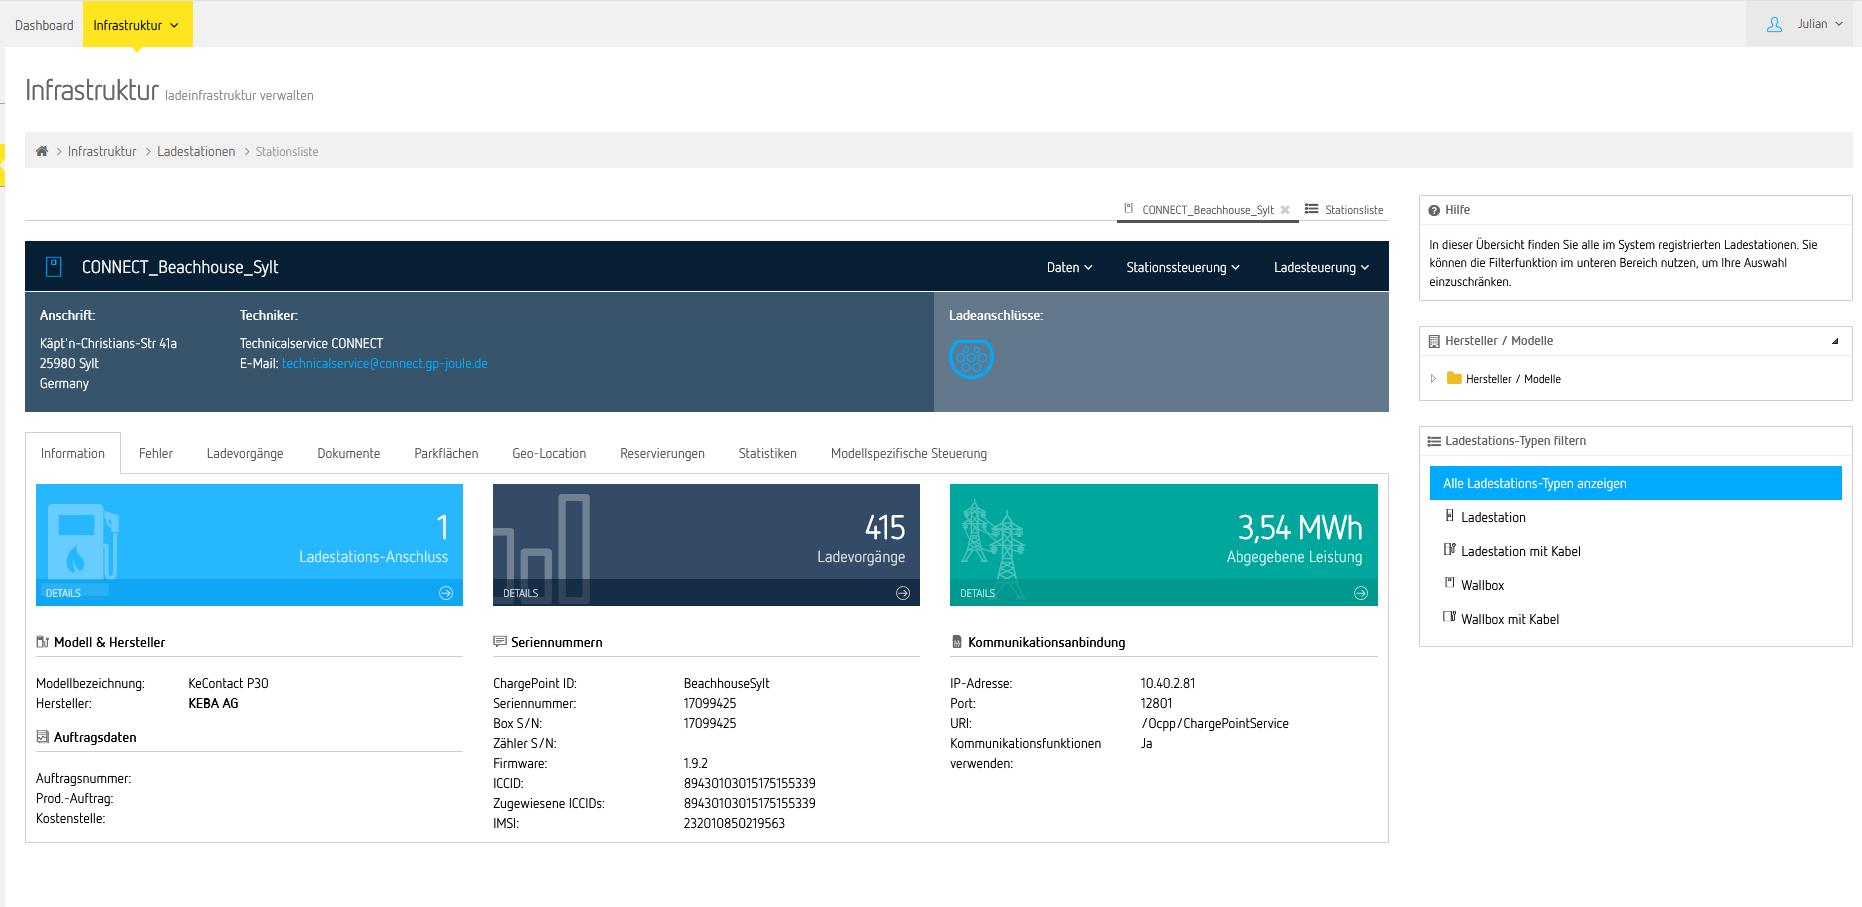 Mobility Management Portal zur Verwaltung Ihrer Ladesäule(n) - Beispiel-Übersicht